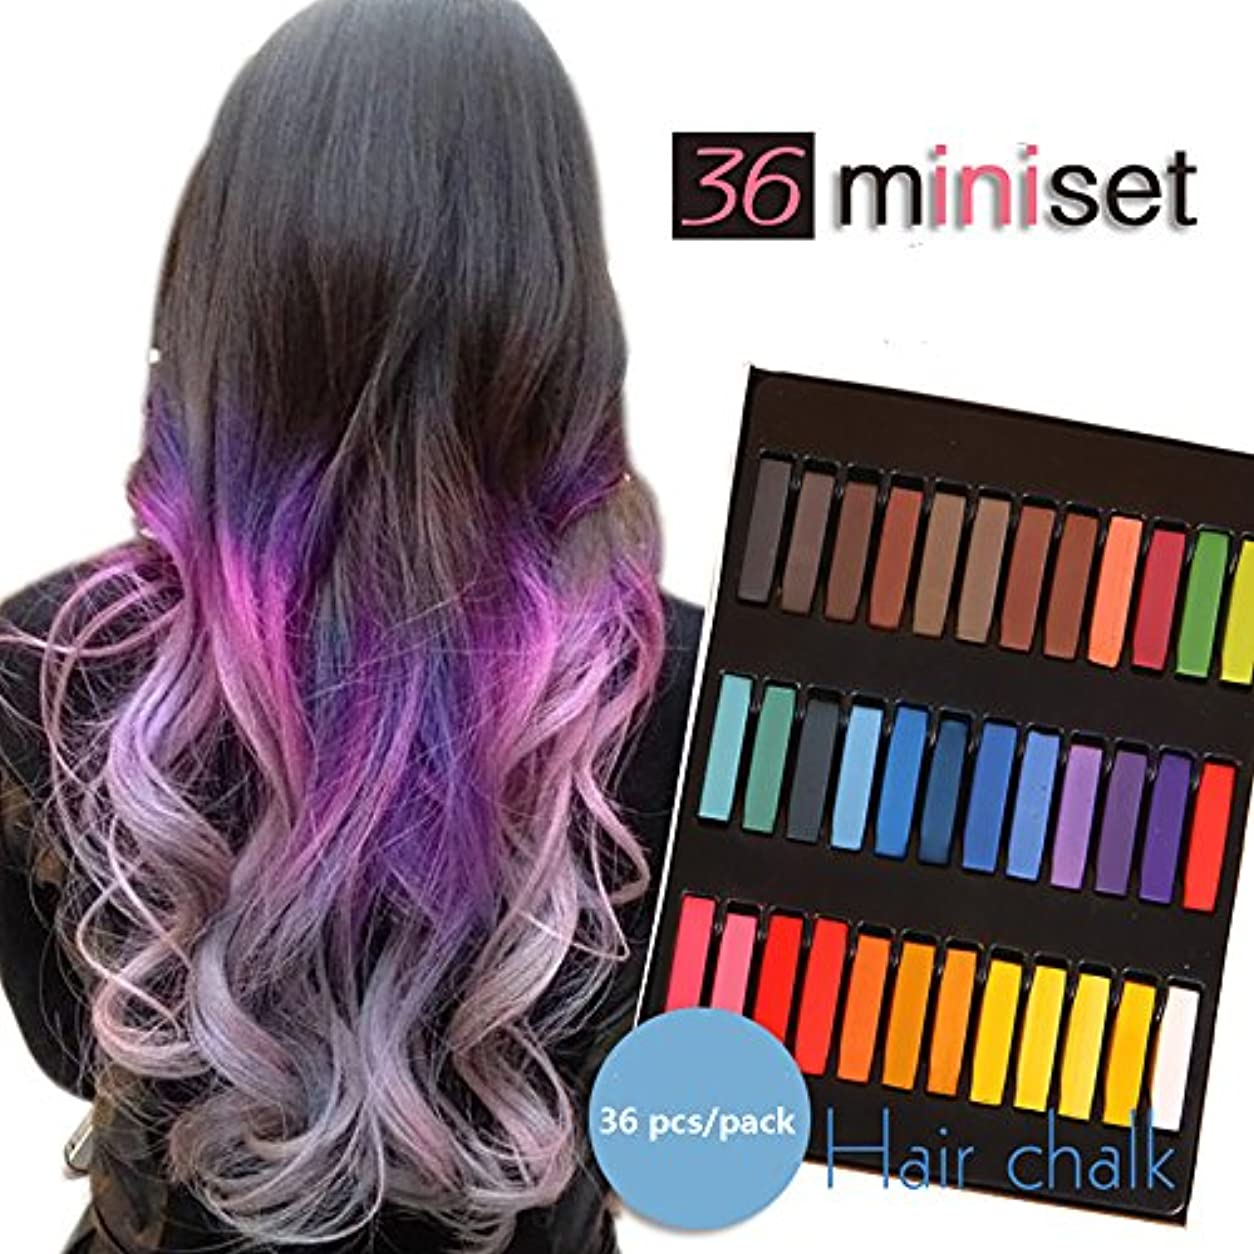 奨励シャープ爆風大ブレイク中!HAIR CHALKIN 選べる 6色/12色/24色/36色 髪専用に開発された安心商品! ヘアチョーク ヘアカラーチョーク 一日だけのヘアカラーでイメチェンが楽しめる!美容室のヘアカラーでは表現しづらい...